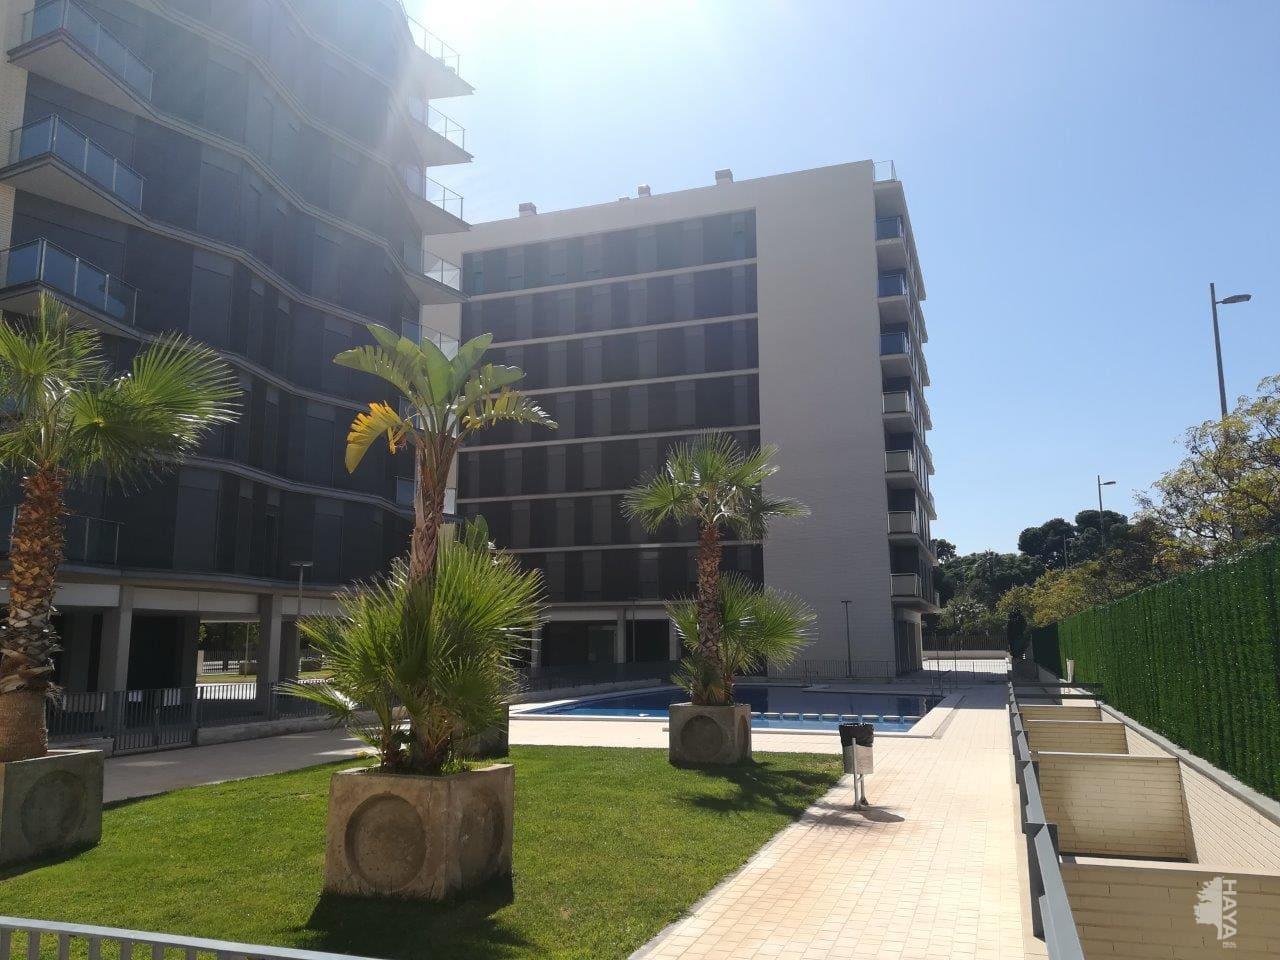 Piso en venta en Grupo Santiago, Castellón de la Plana/castelló de la Plana, Castellón, Calle la Safor, 117.600 €, 2 habitaciones, 2 baños, 108 m2